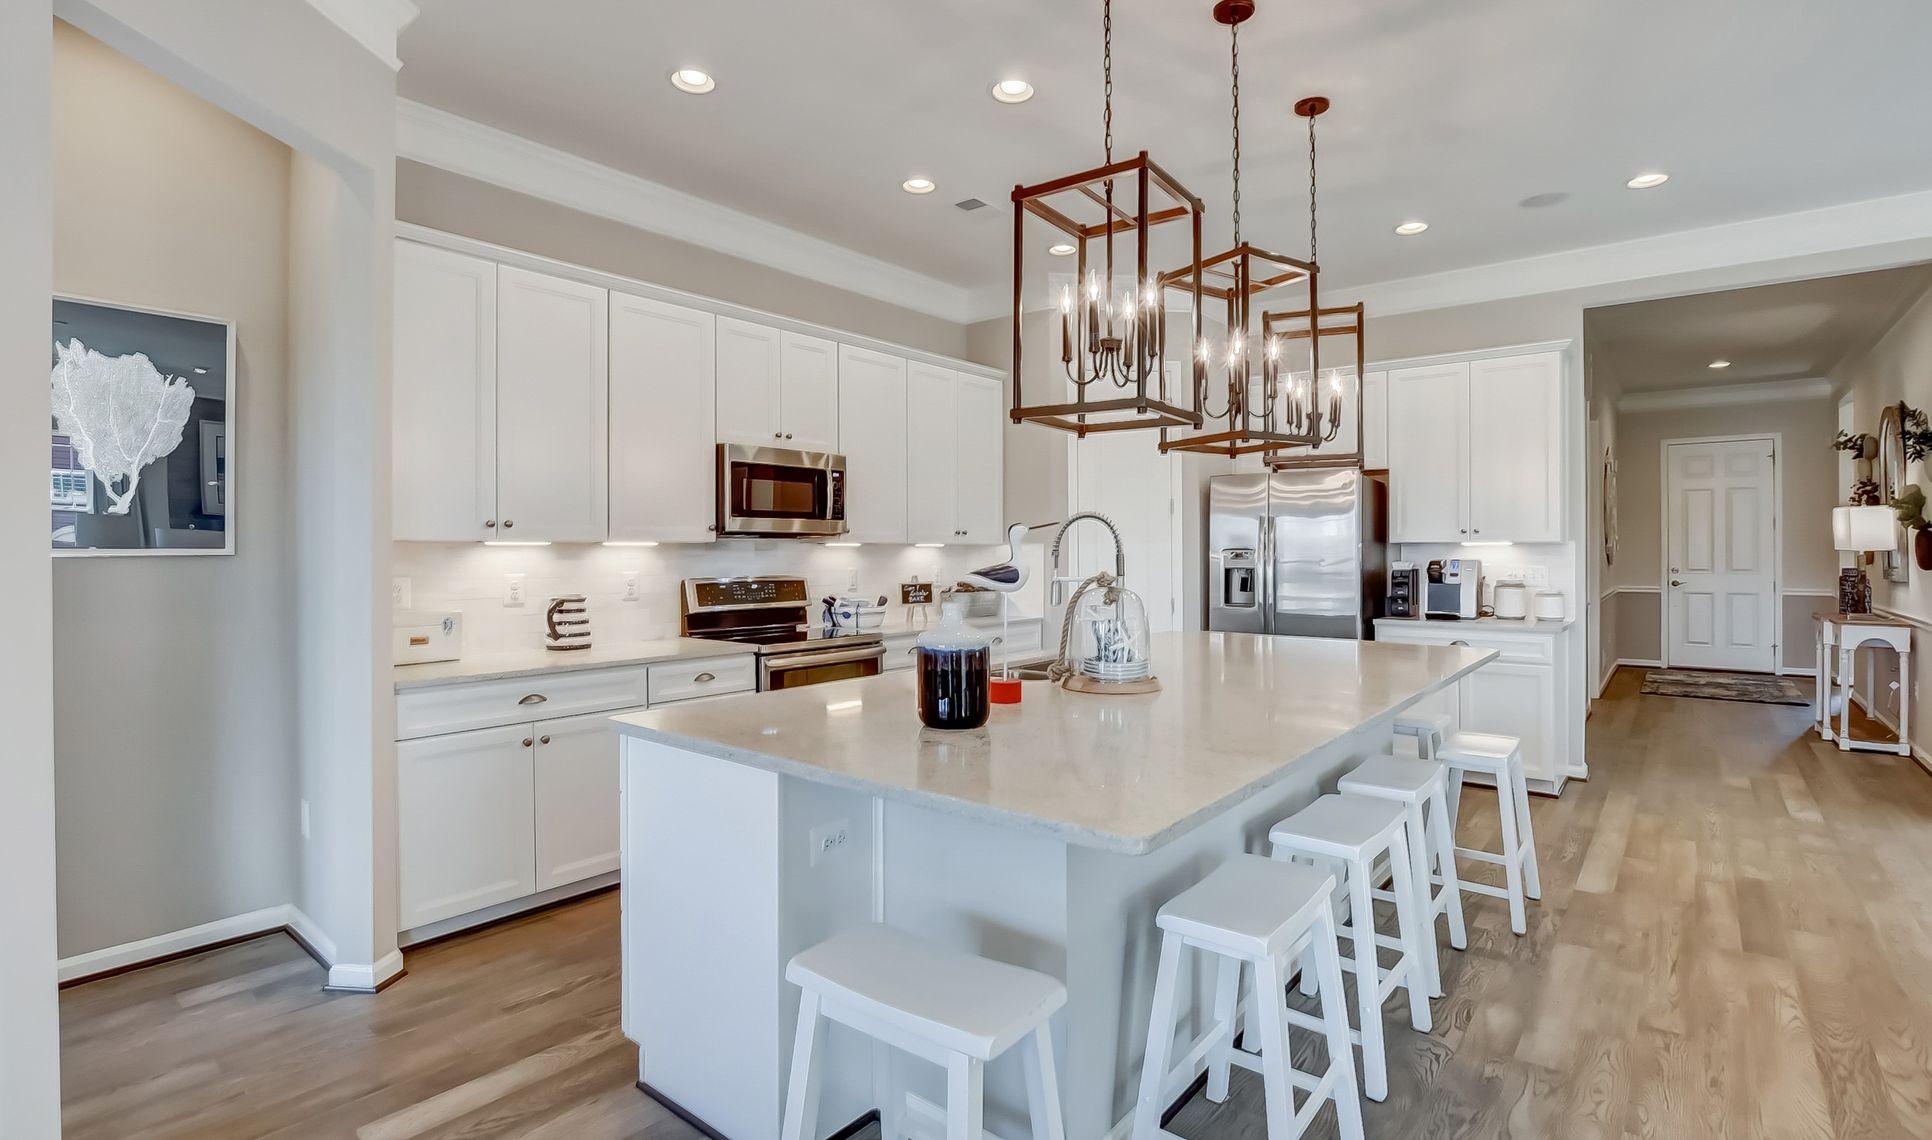 Interior:Striking kitchen with island